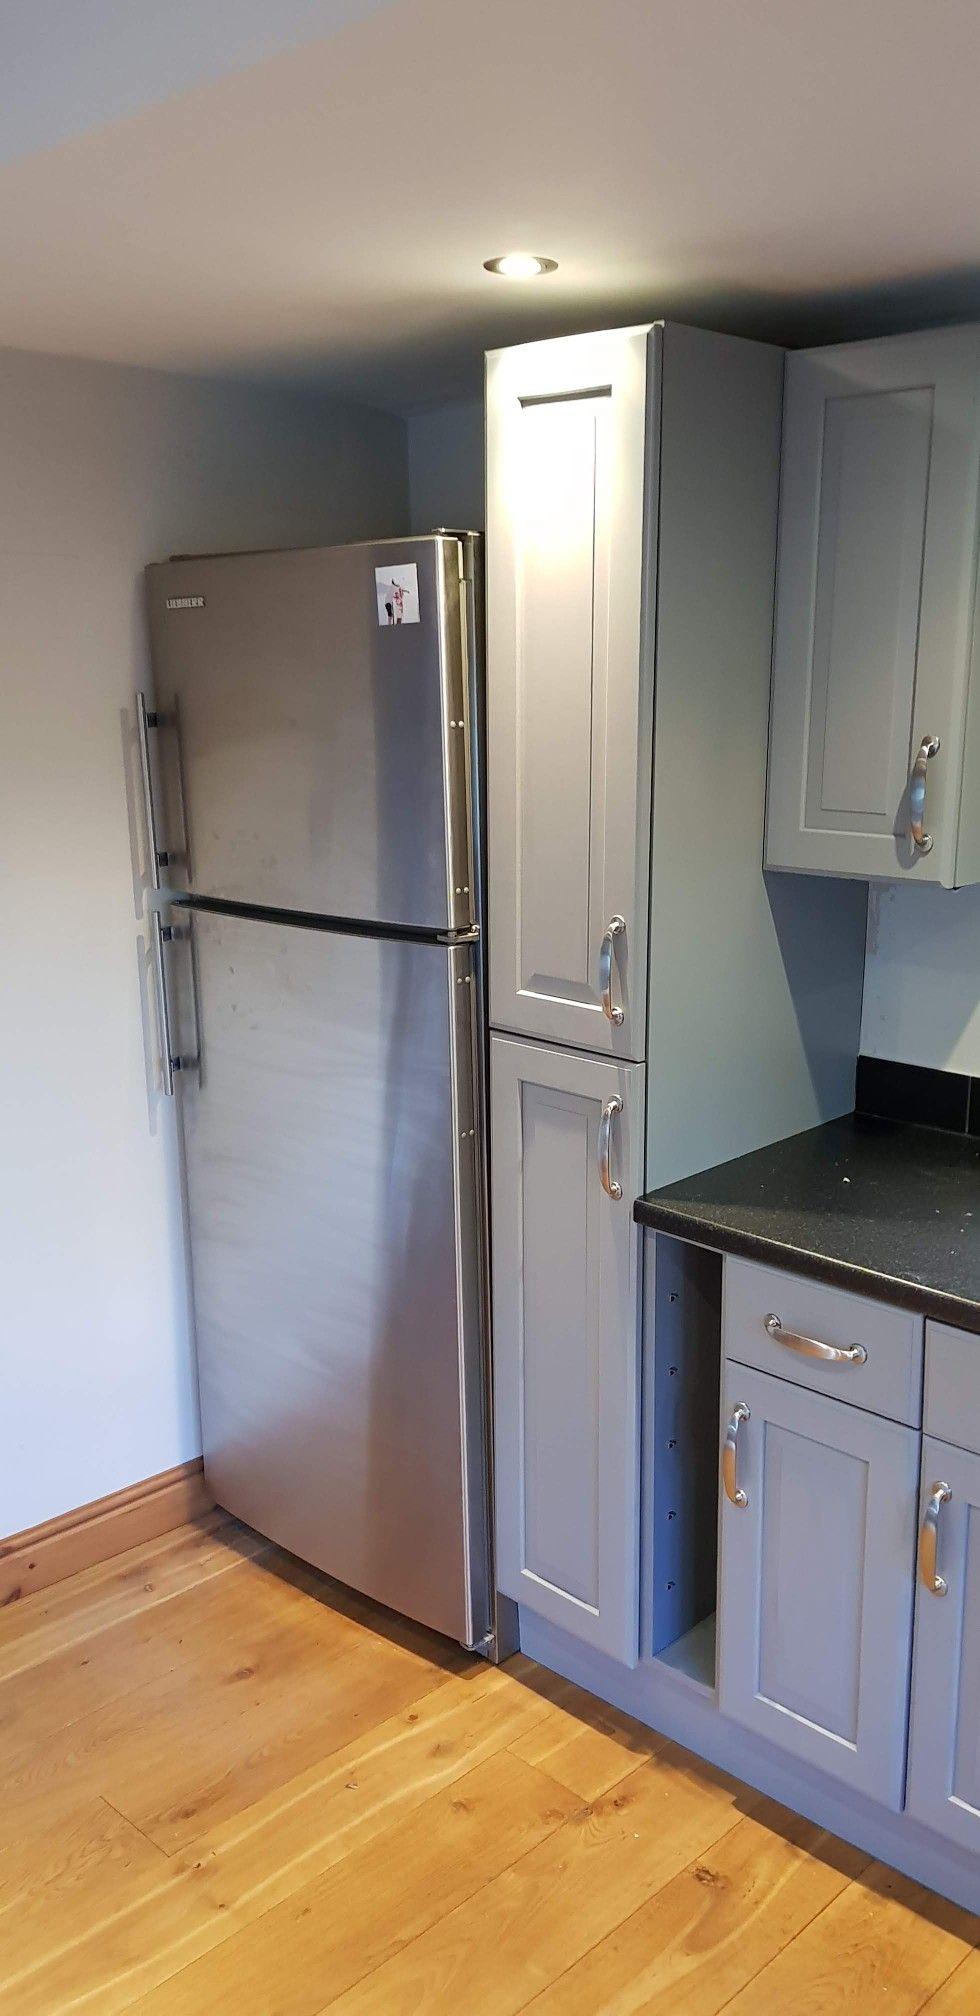 Spraying Kitchen Cabinets Spray Kitchen Cabinets Kitchen Spray Kitchen Respray